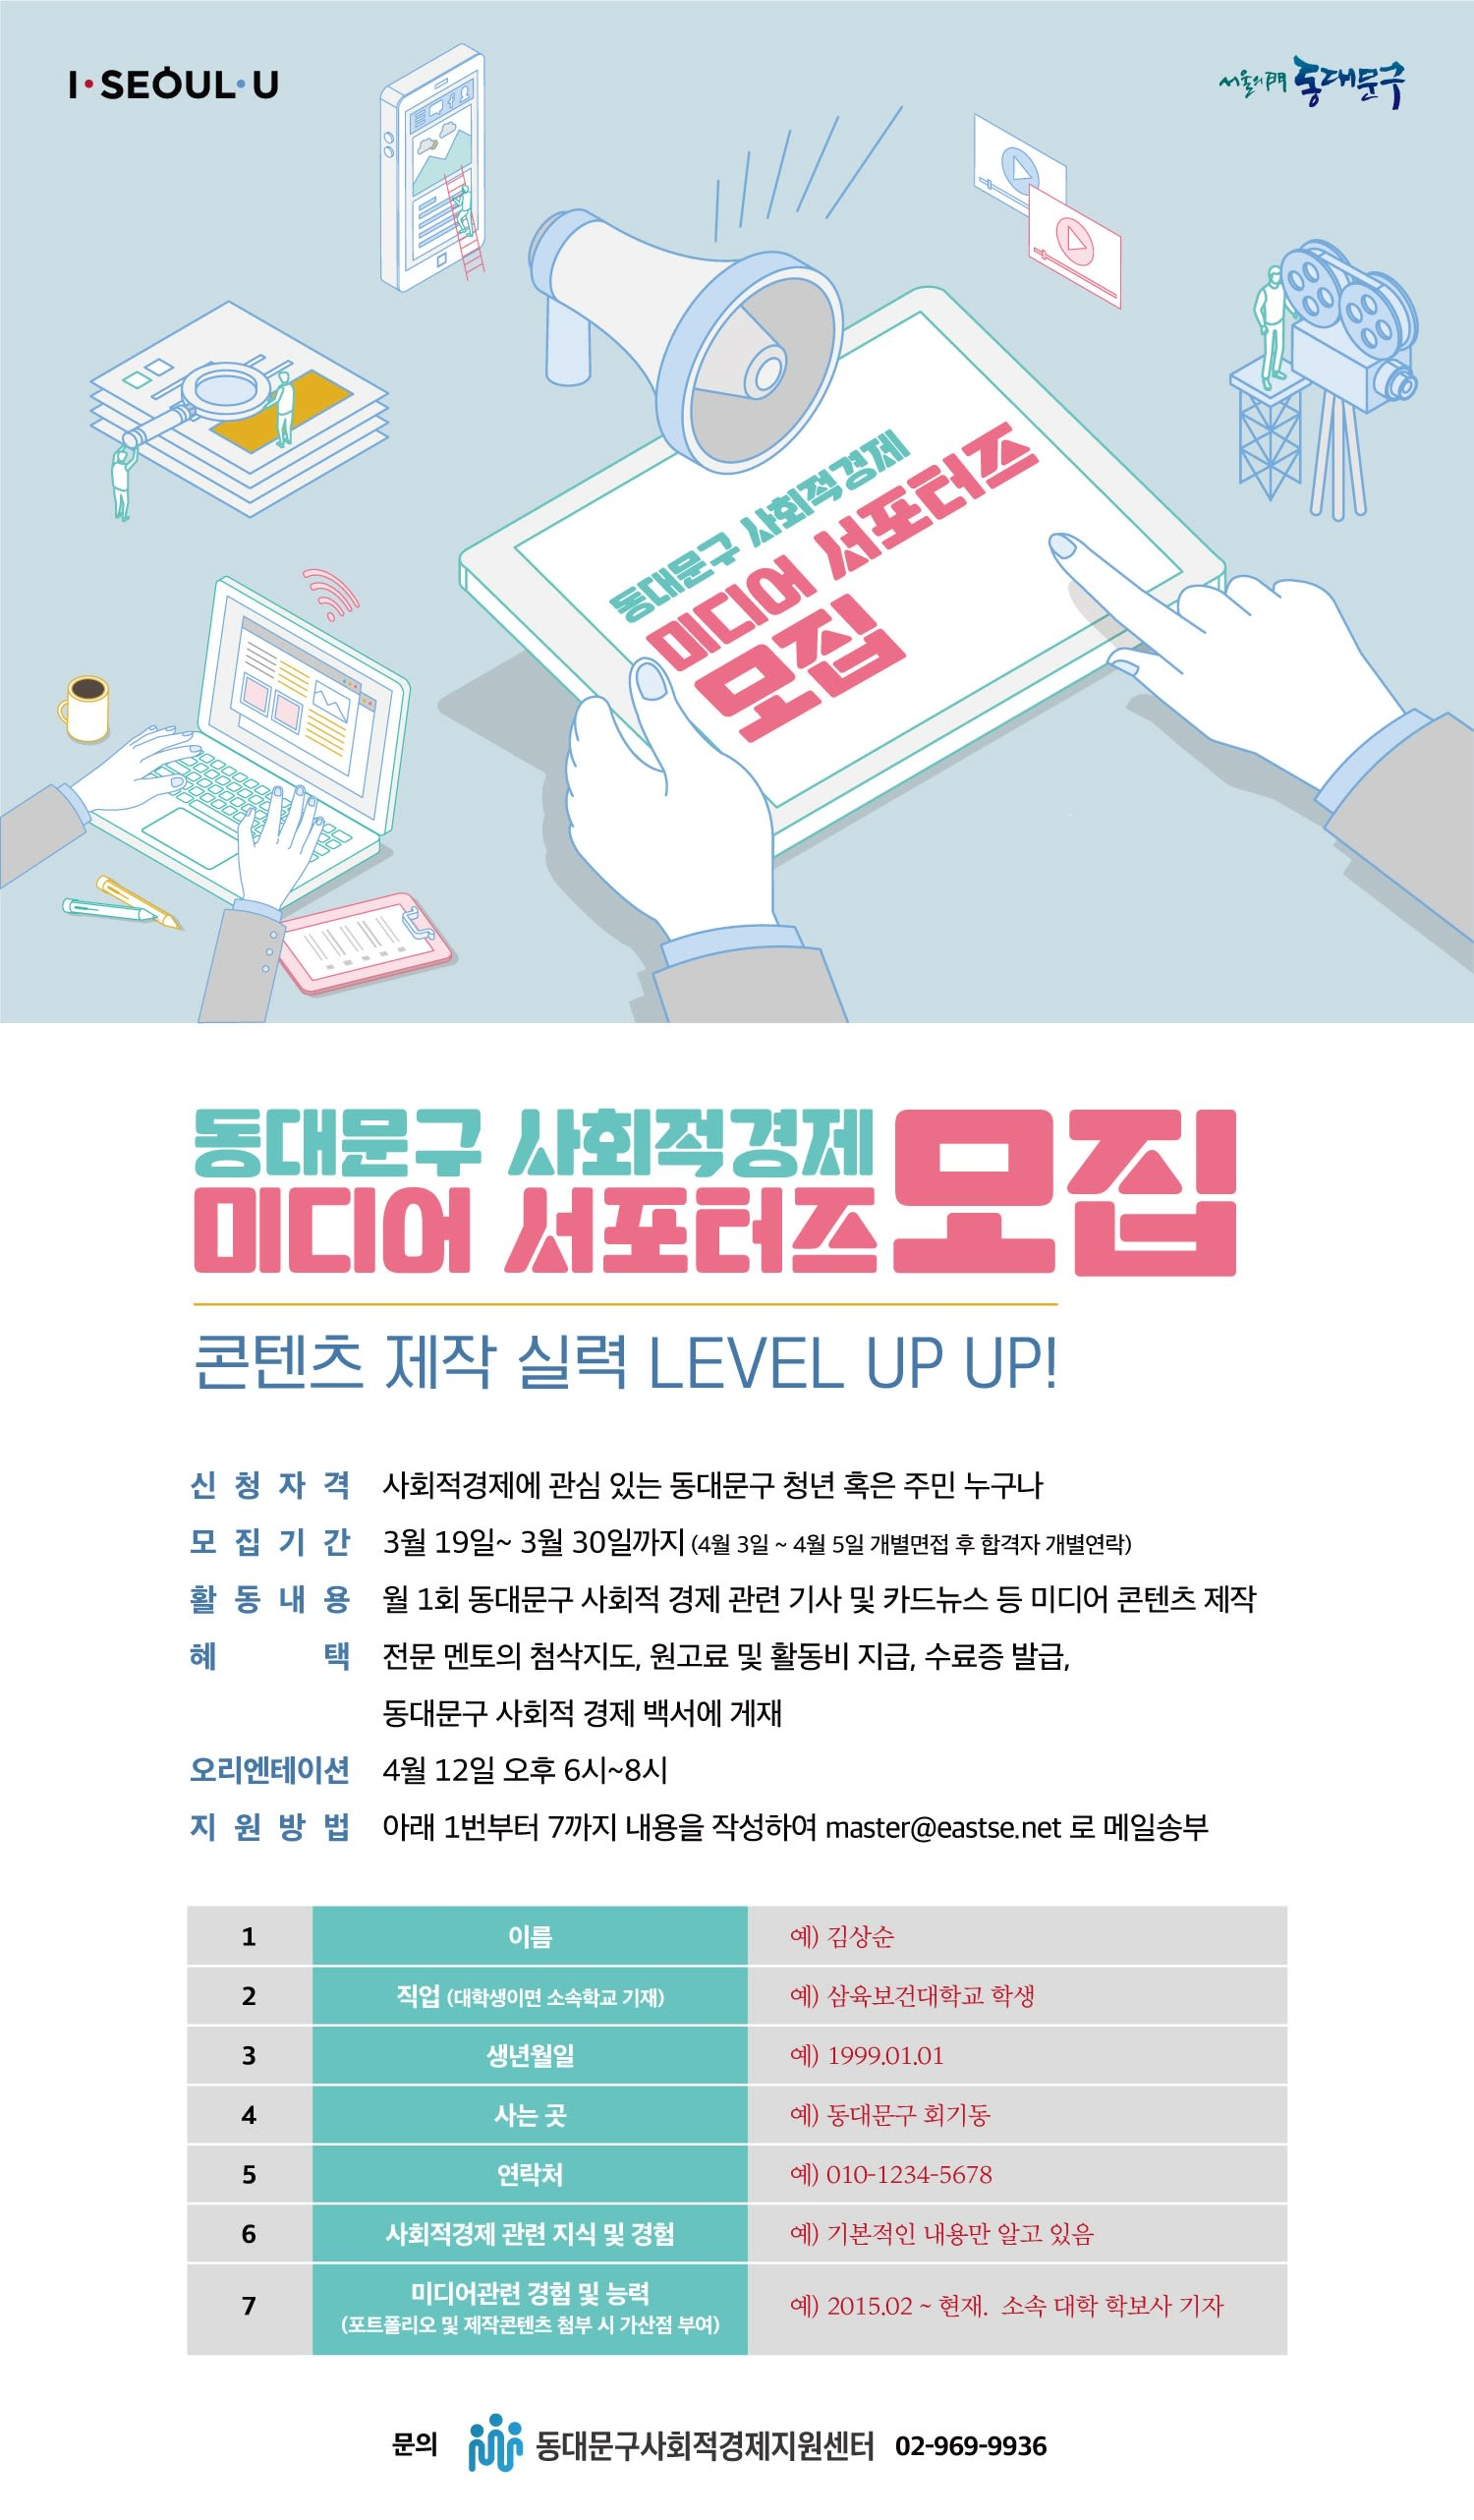 [동대문구사회적경제지원센터] 미디어서포터즈 모집